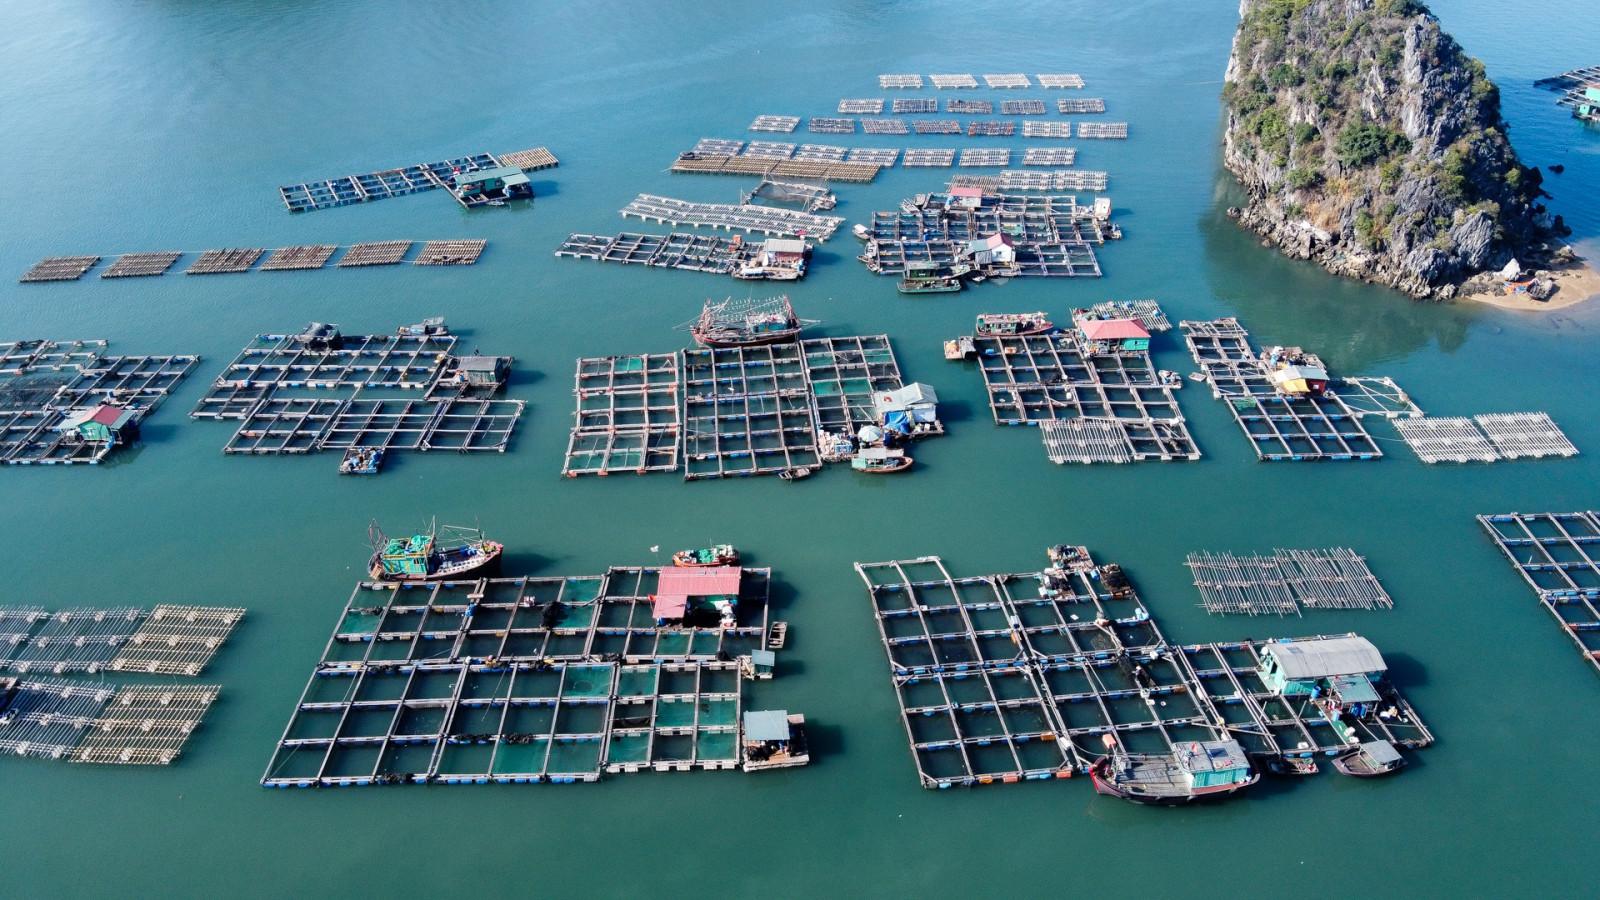 Phát triển nuôi trồng biển theo hướng bền vững